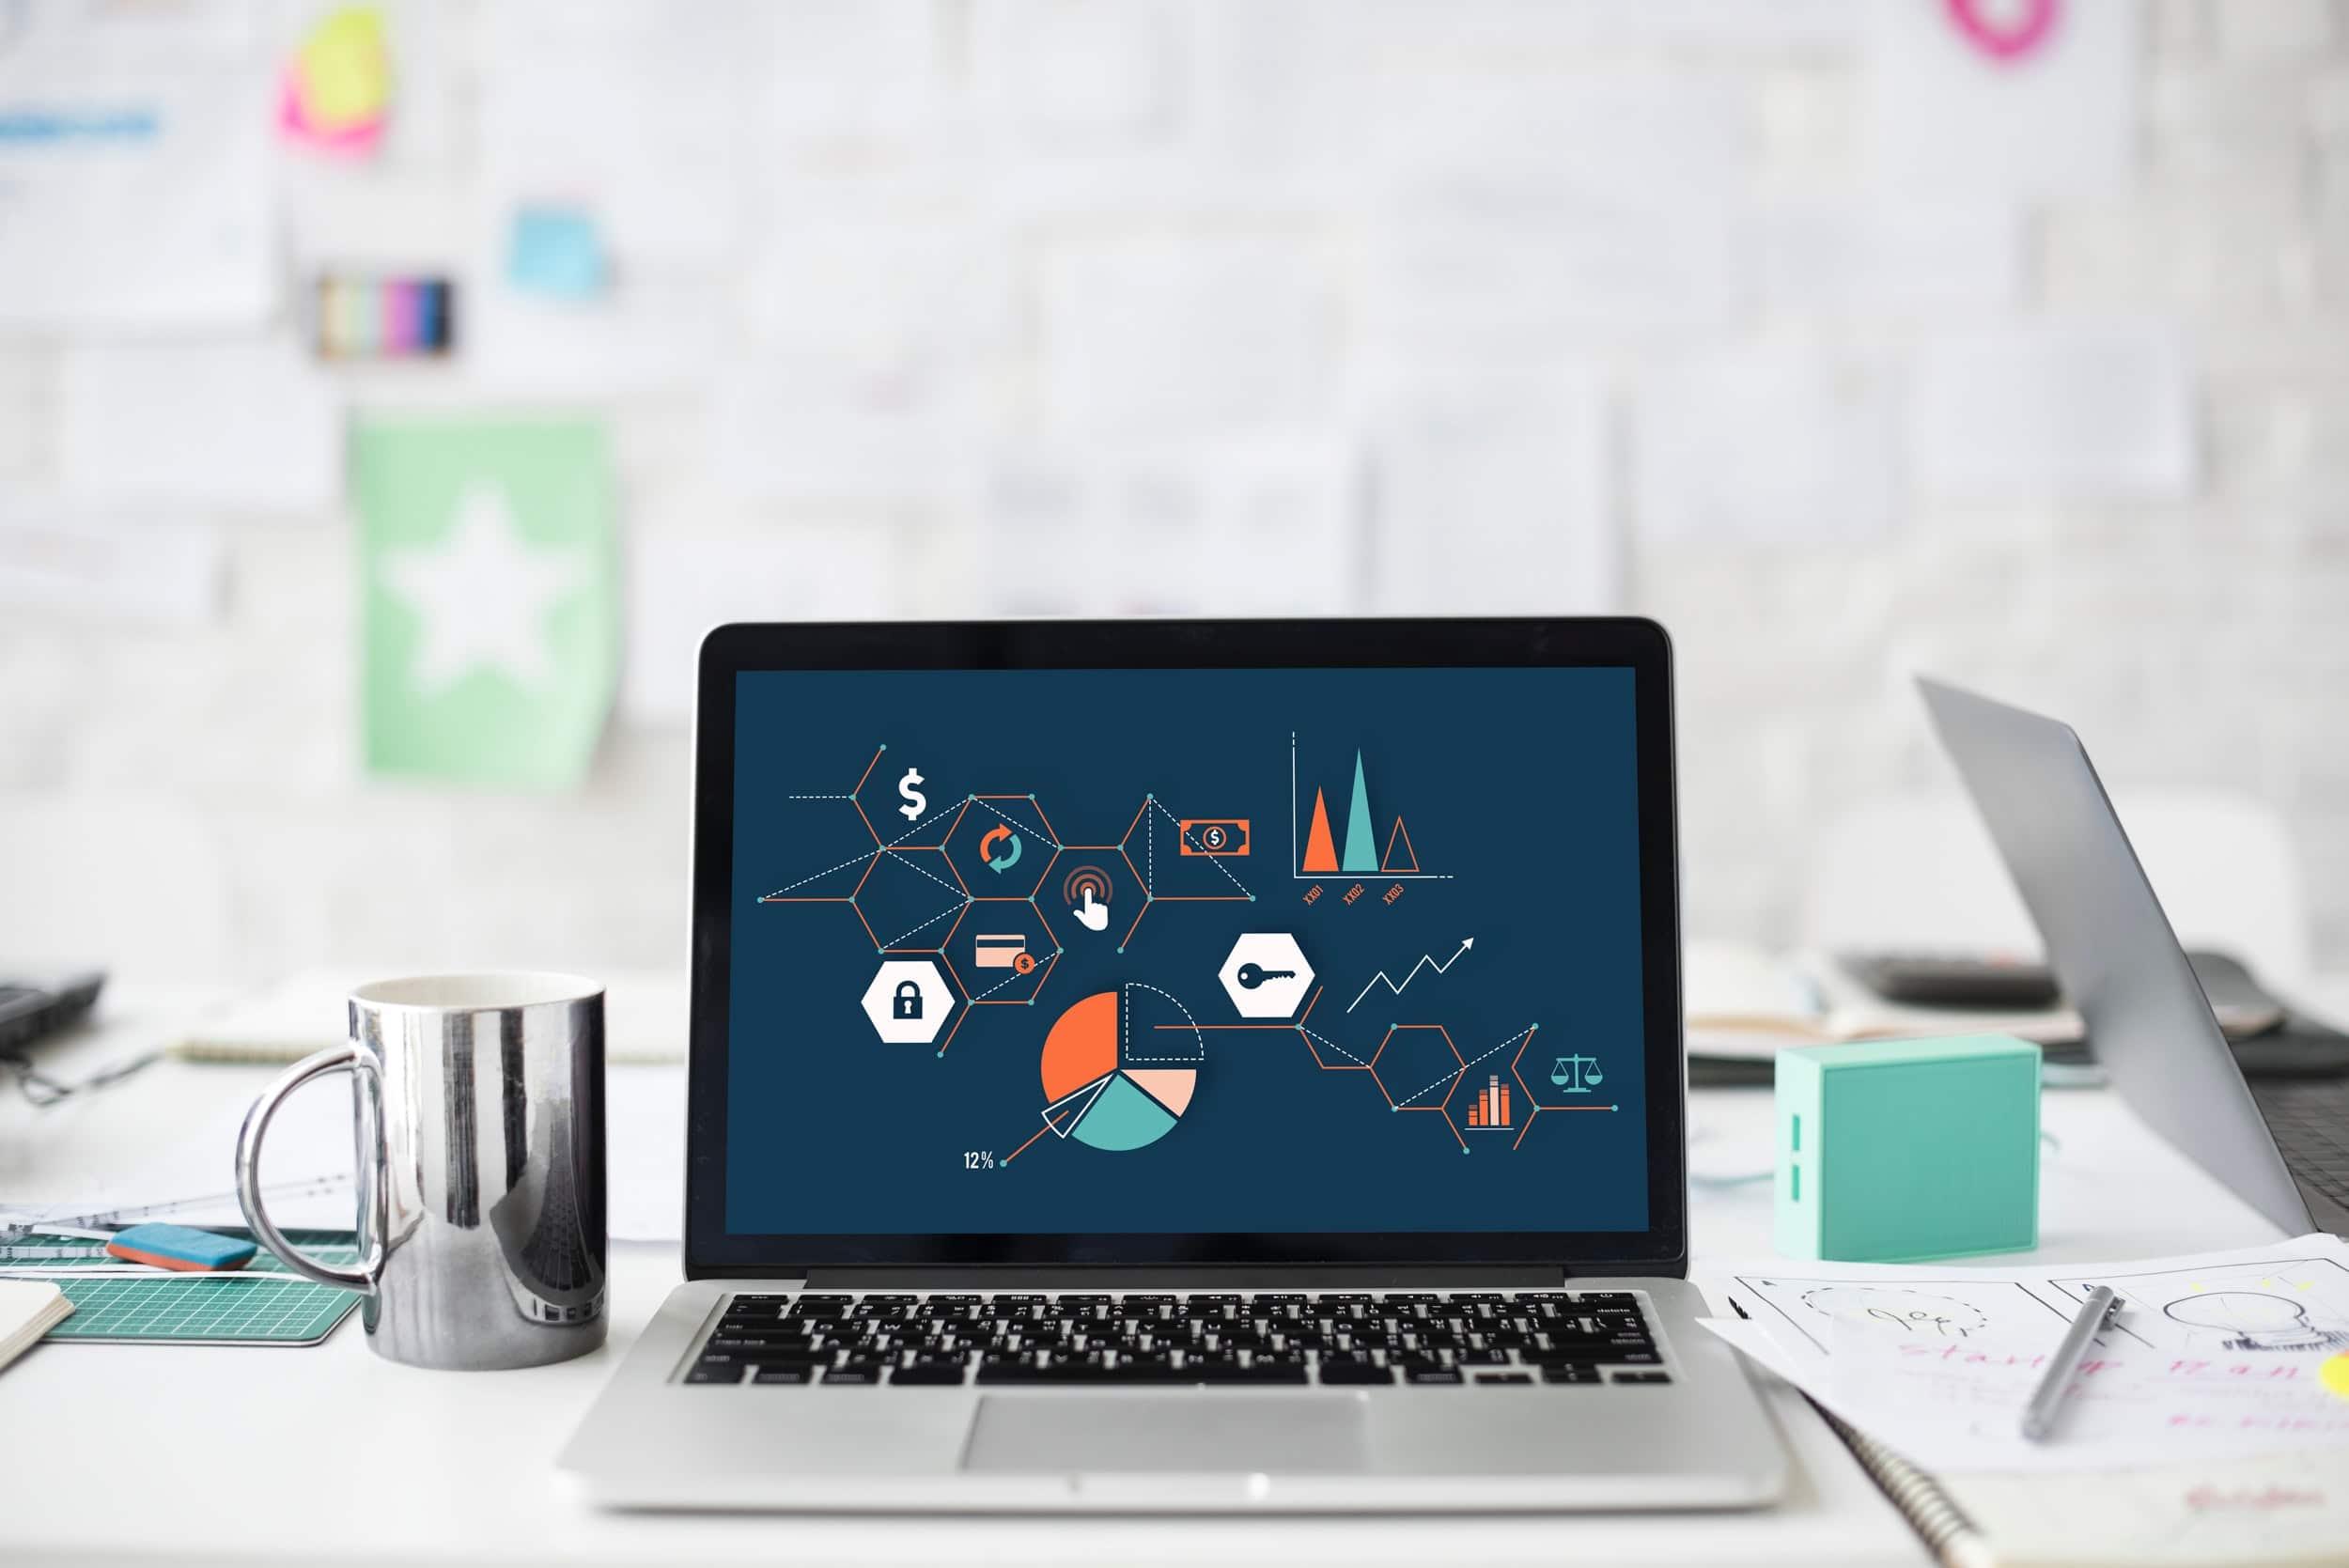 Laptop aberto em cima de uma mesa, rodeado por elementos de escritório. Na tela, aparecem gráficos e ilustrações.